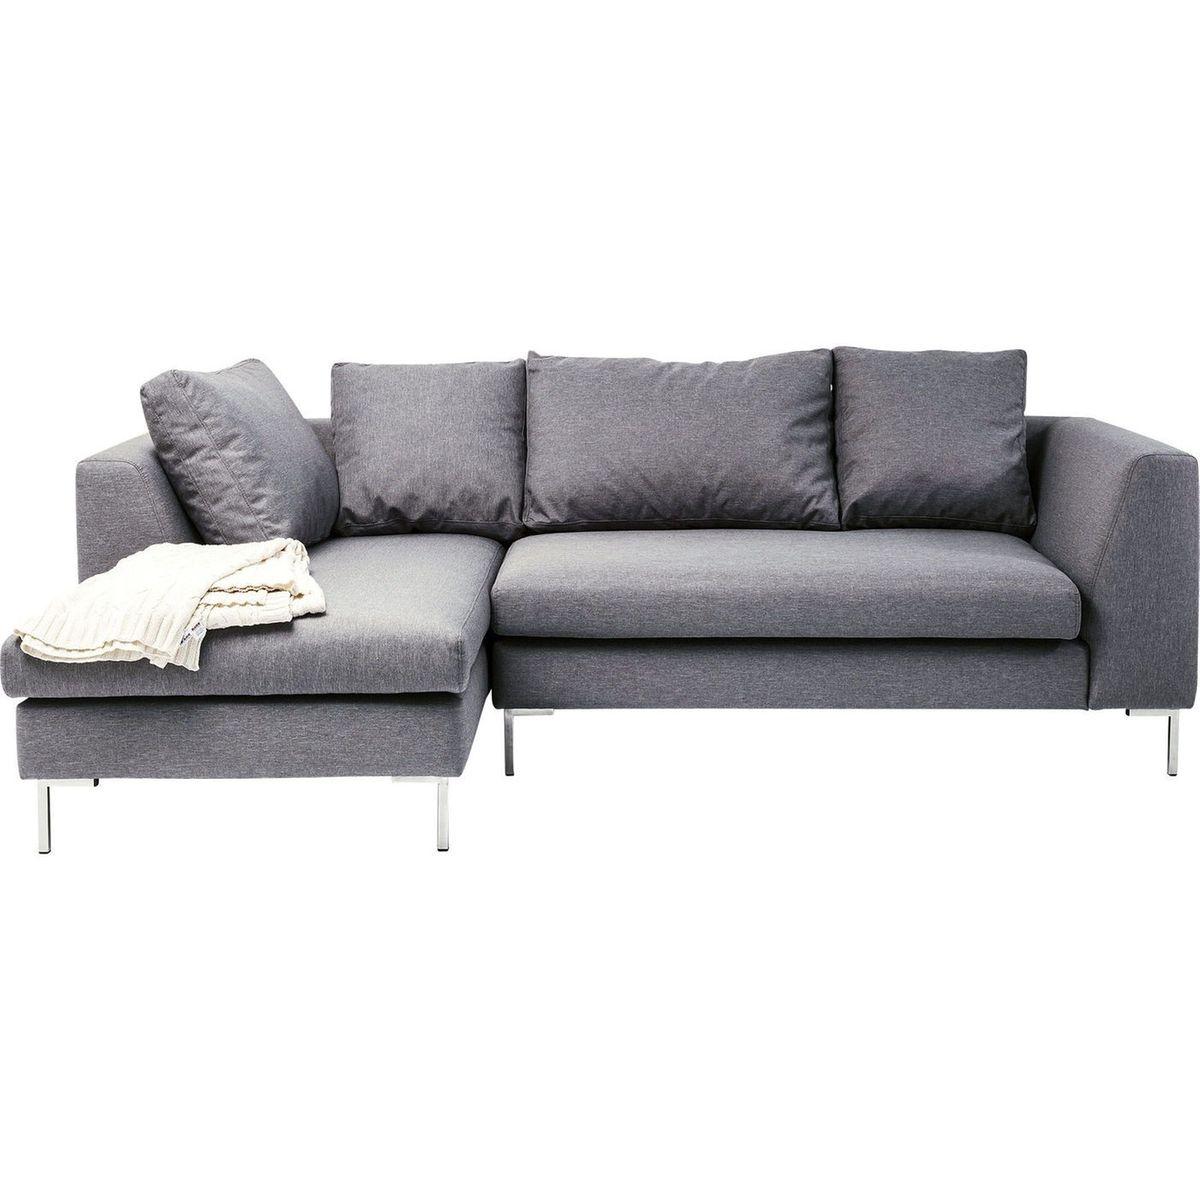 Canapé d'angle Bruno Panini petit gris gauche Kare Design